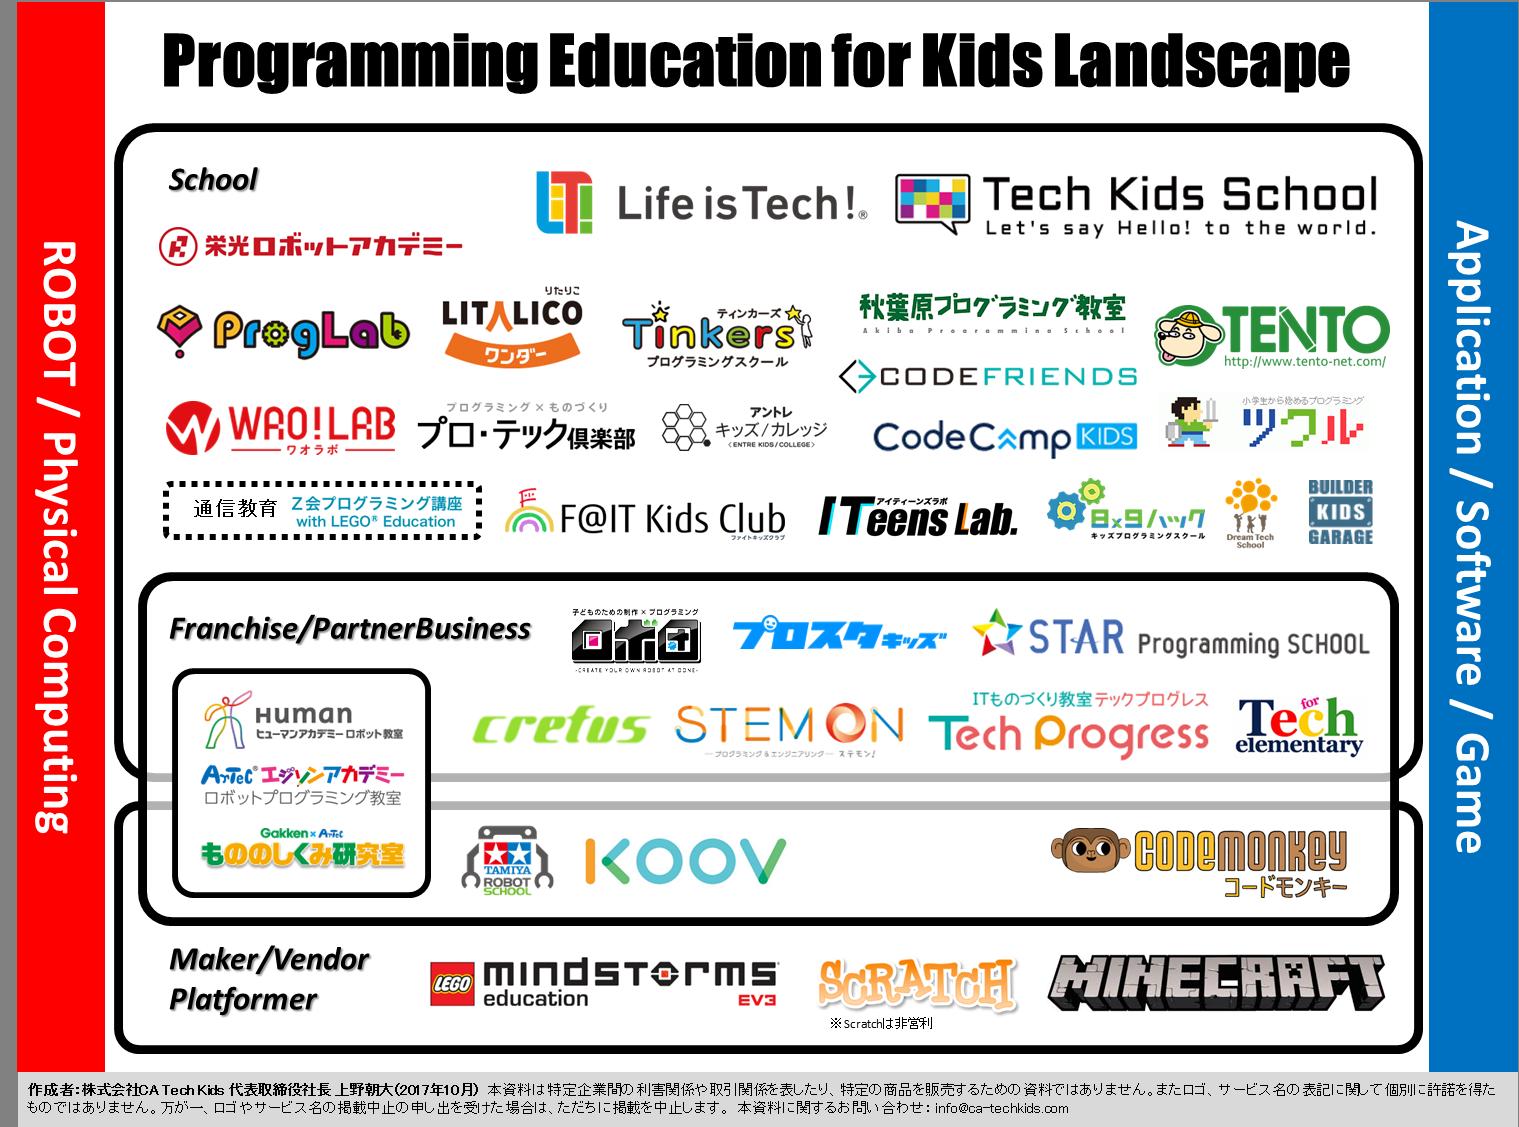 プログラミング教育提供事業者マップ(CA Tech Kids 作成)